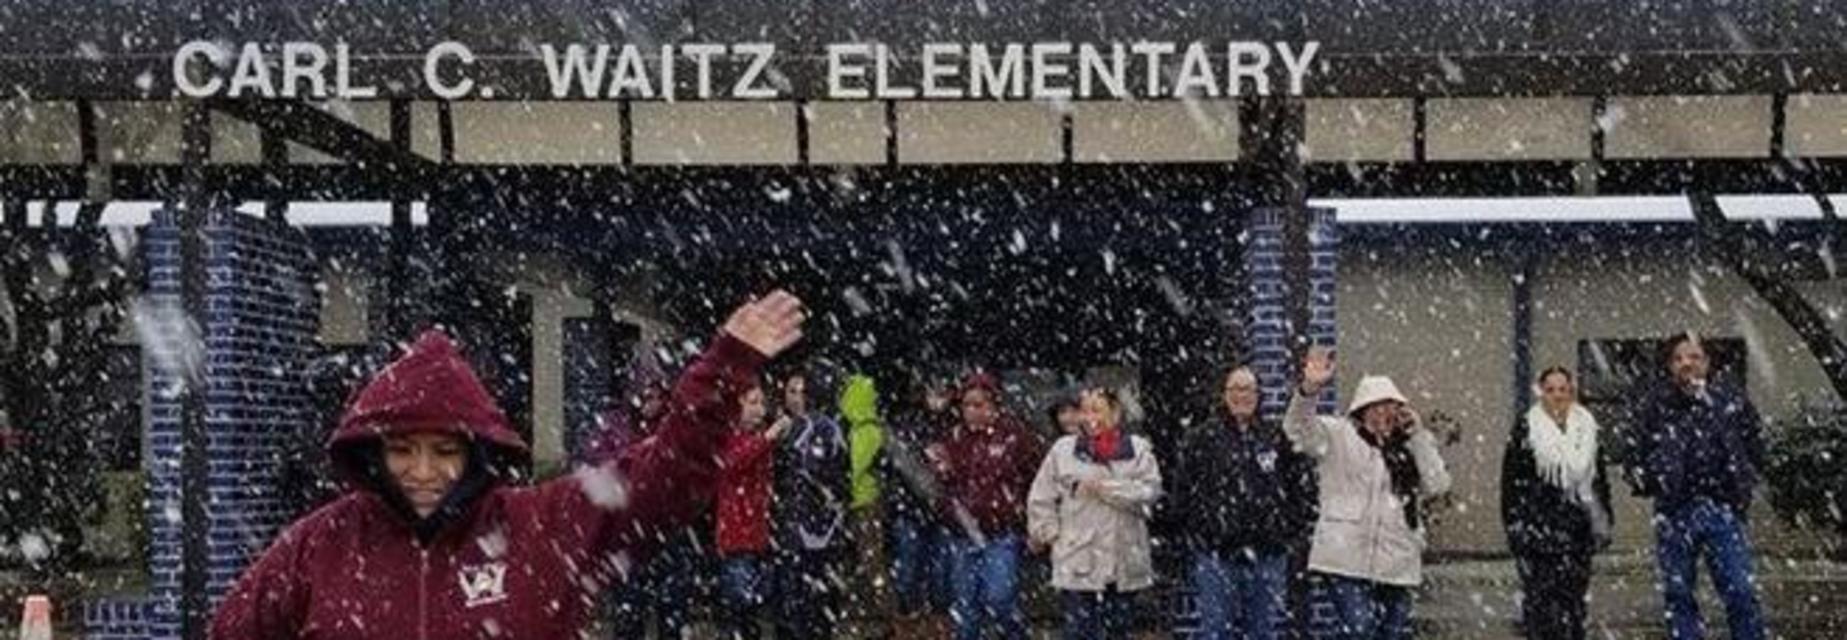 Snow Day 2017 at Waitz